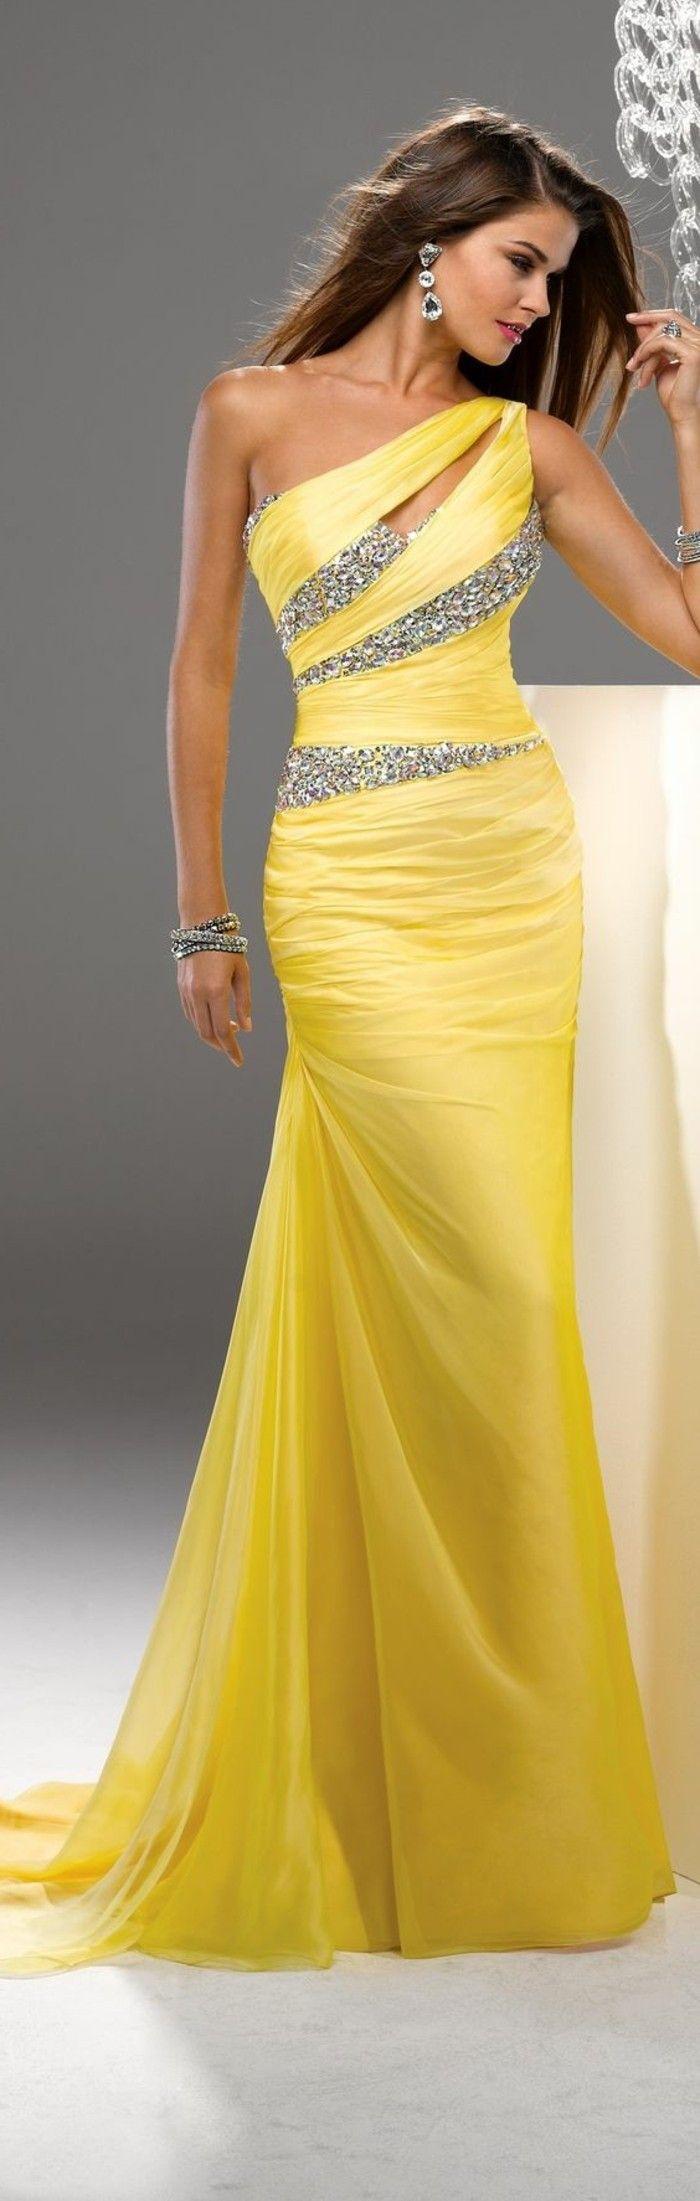 Elegante Kleider für Ihre besondere Anlässe | Pinterest | elegante ...